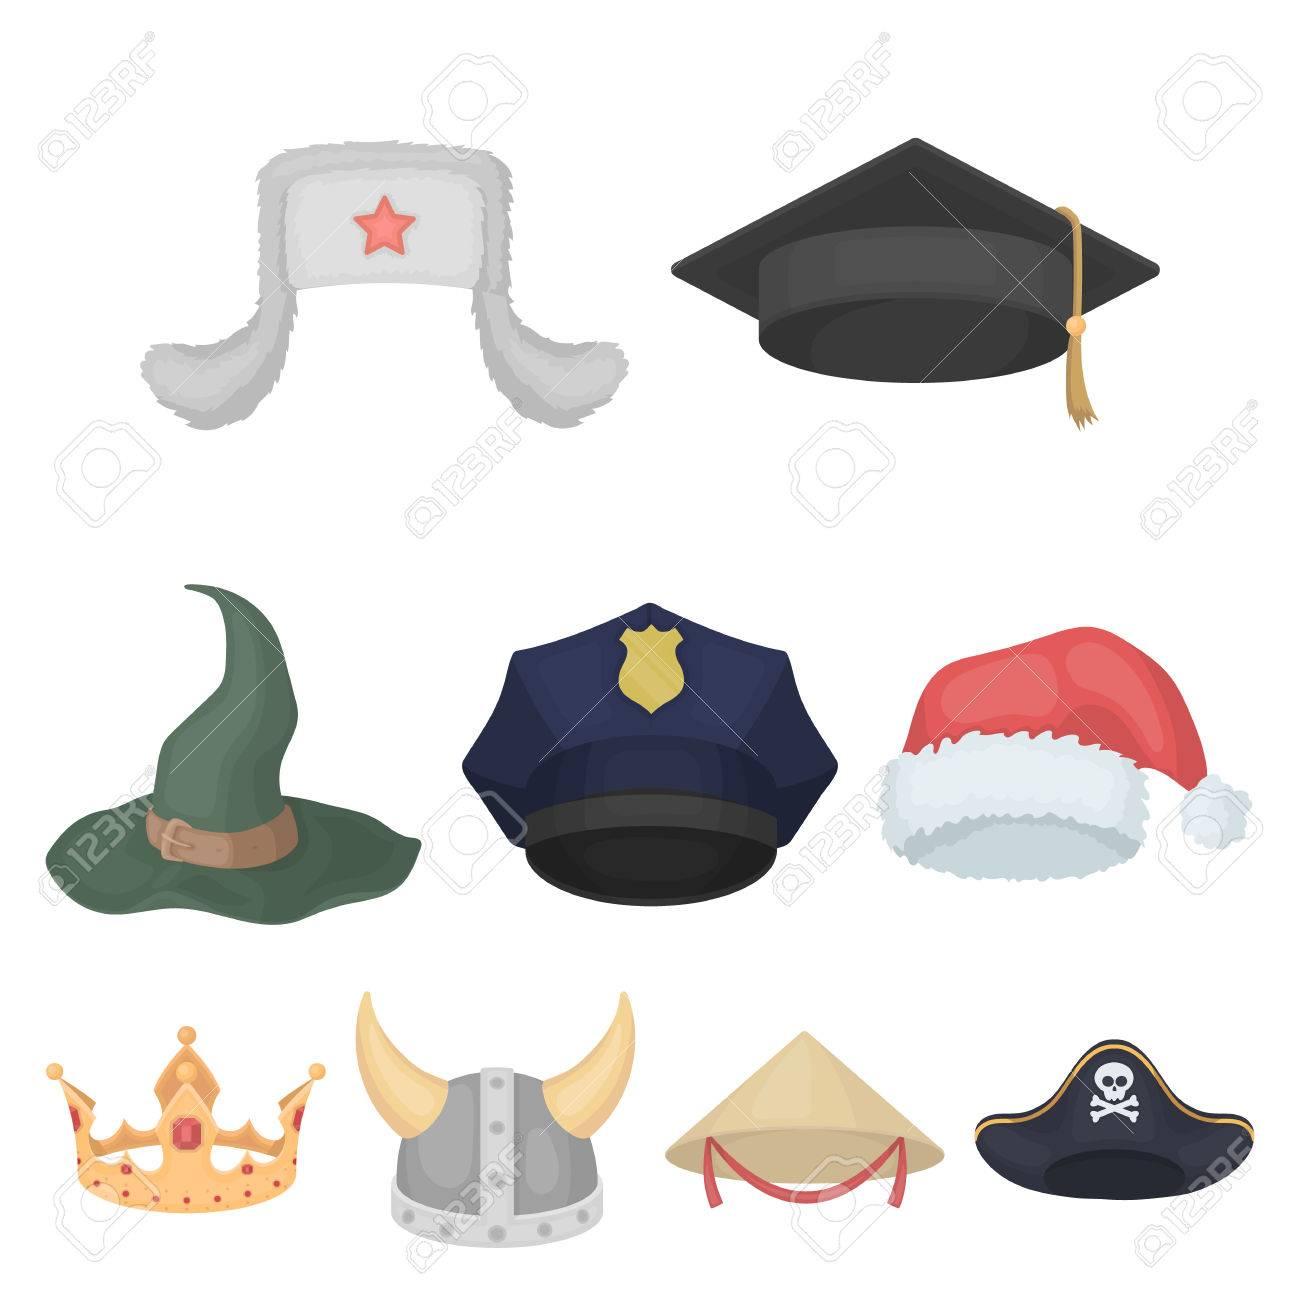 Foto de archivo - Sombreros establecer iconos en estilo de dibujos  animados. Gran colección de sombreros vector de símbolo stock photo 433d0cddd38